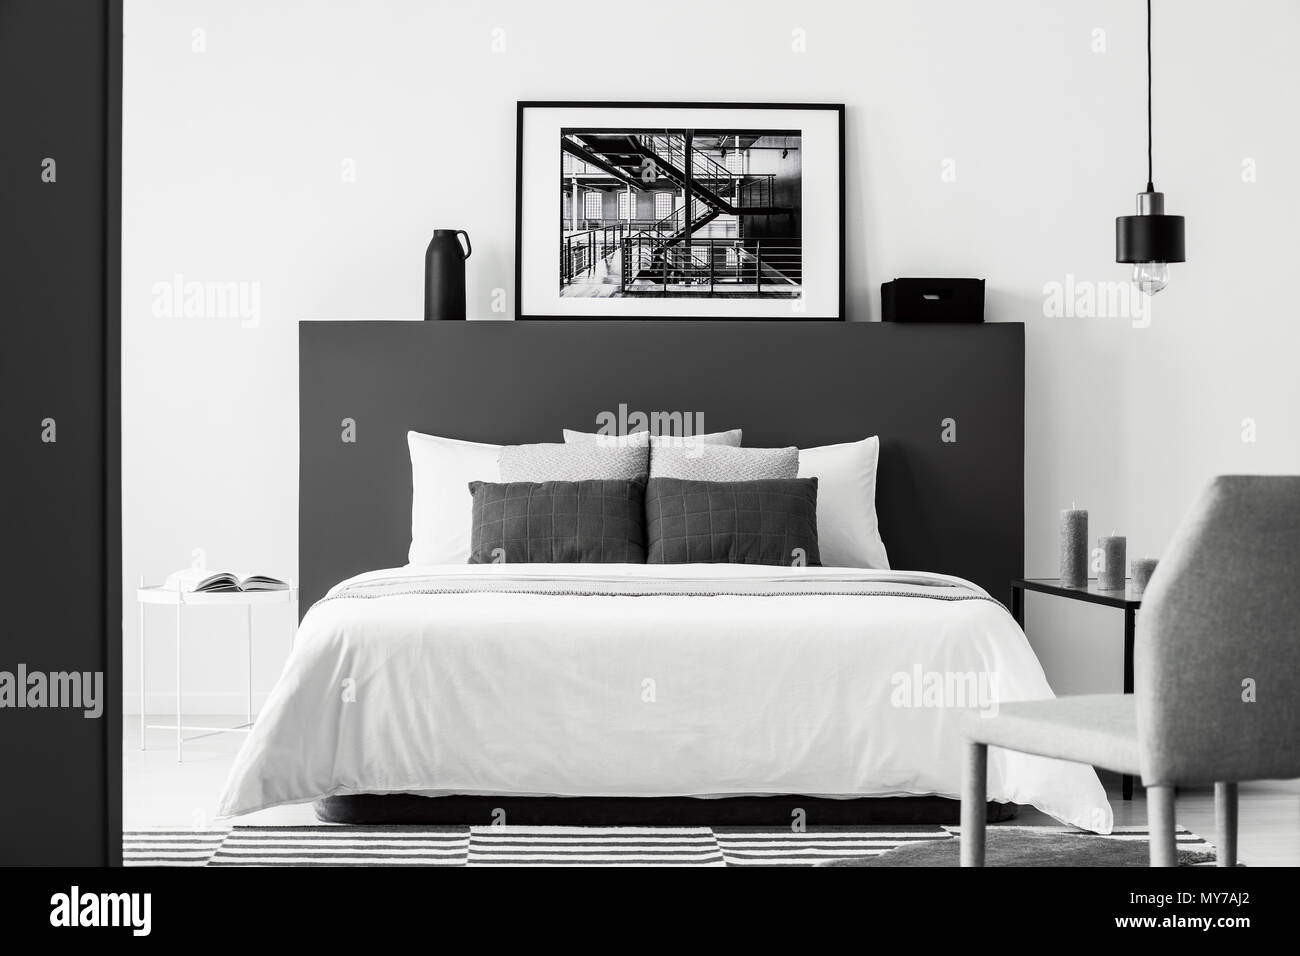 Poster Auf Schwarz Bedhead Der Weissen Bett Im Gegensatz Schlafzimmer